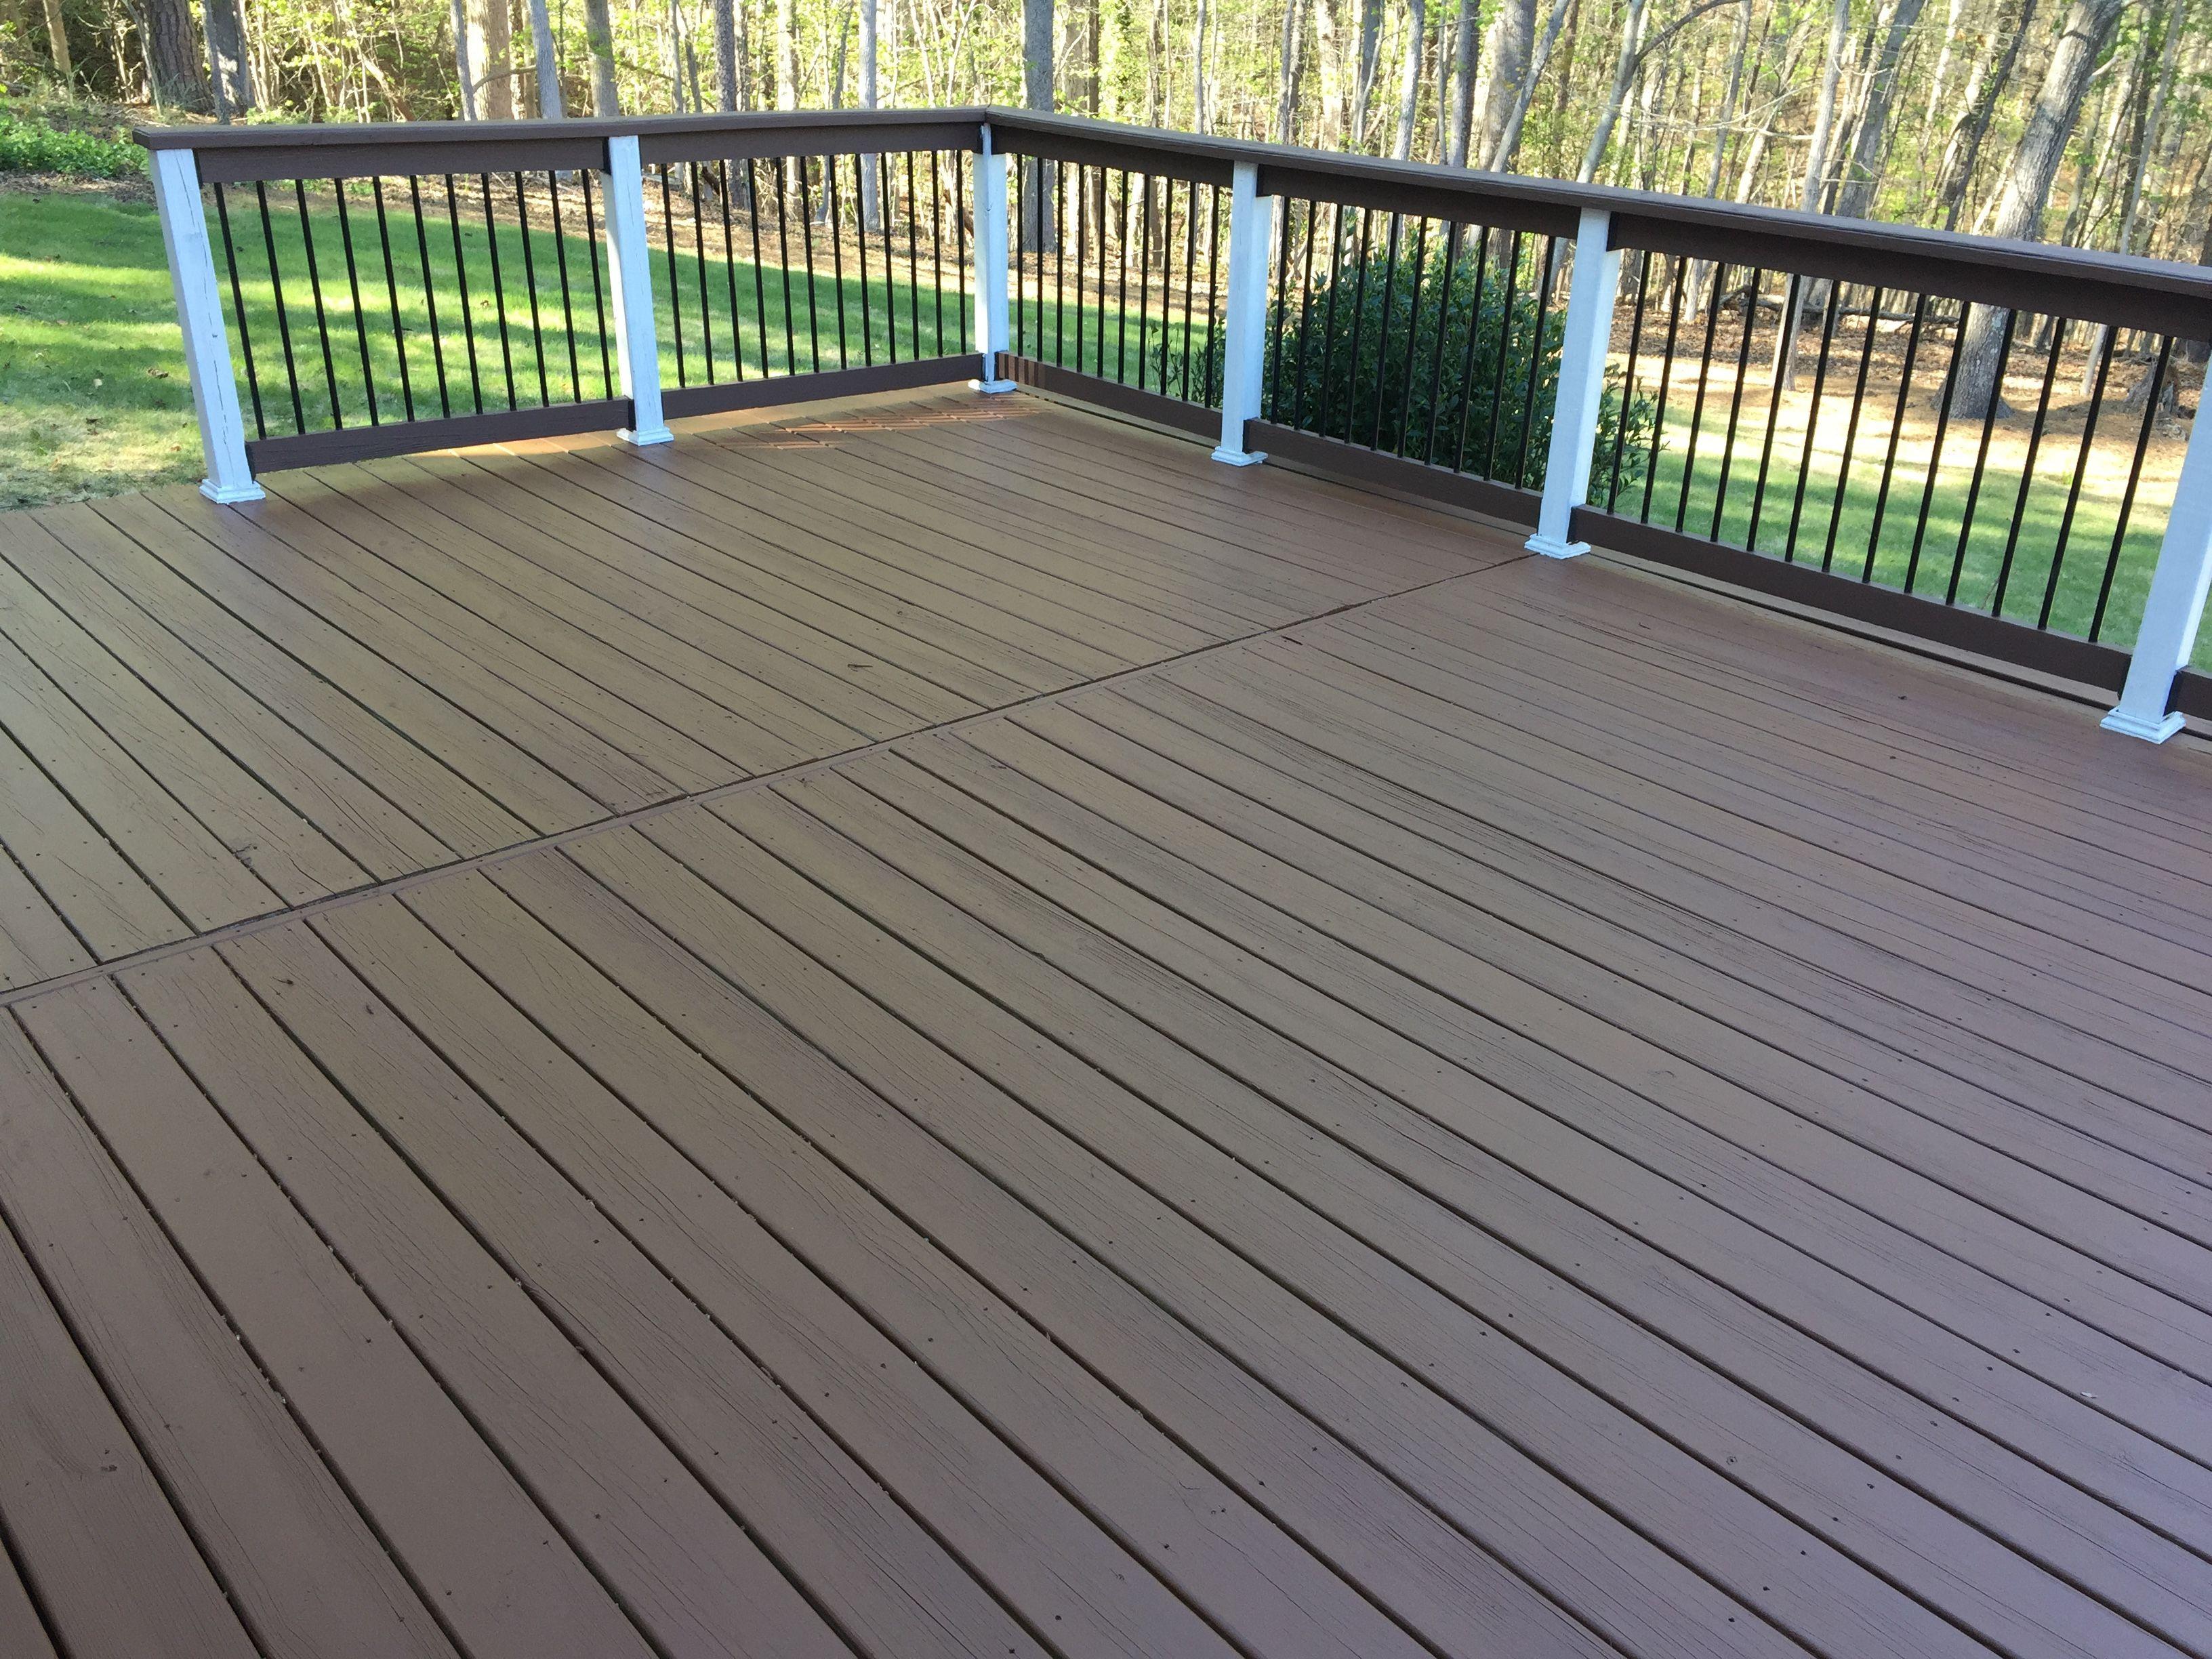 Best Deck Paint For Old Decks Deck Paint Colors Deck Colors